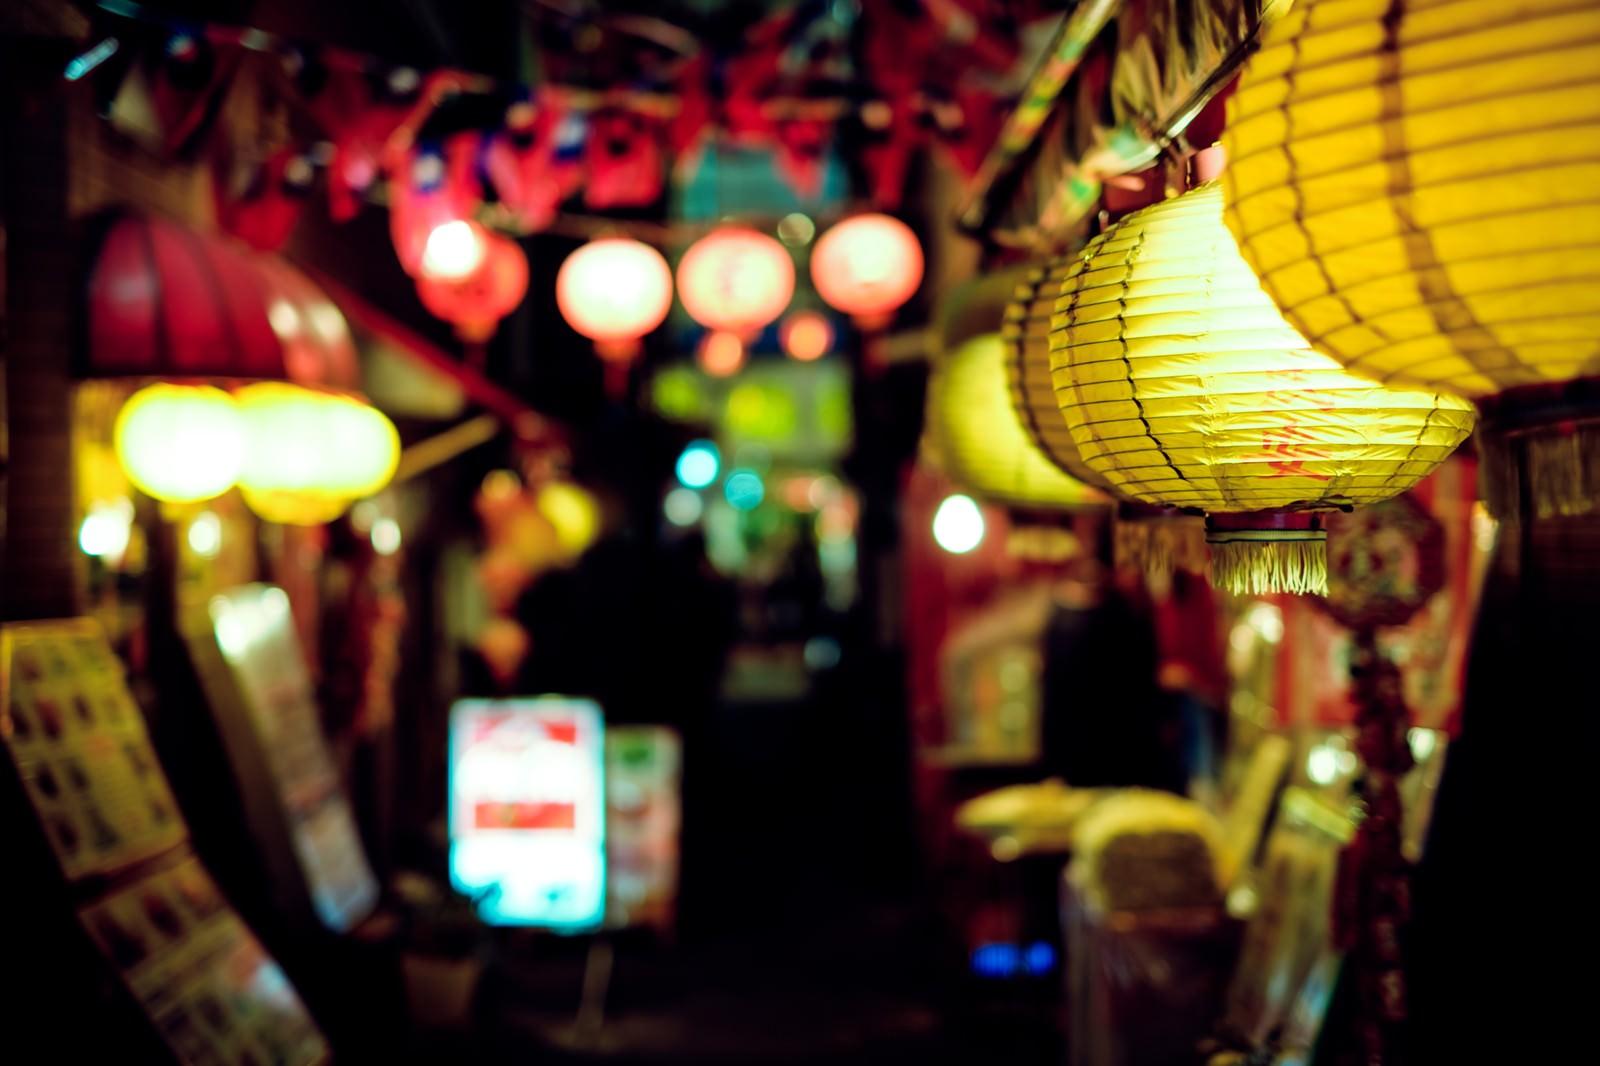 「飲み屋街の提灯飲み屋街の提灯」のフリー写真素材を拡大